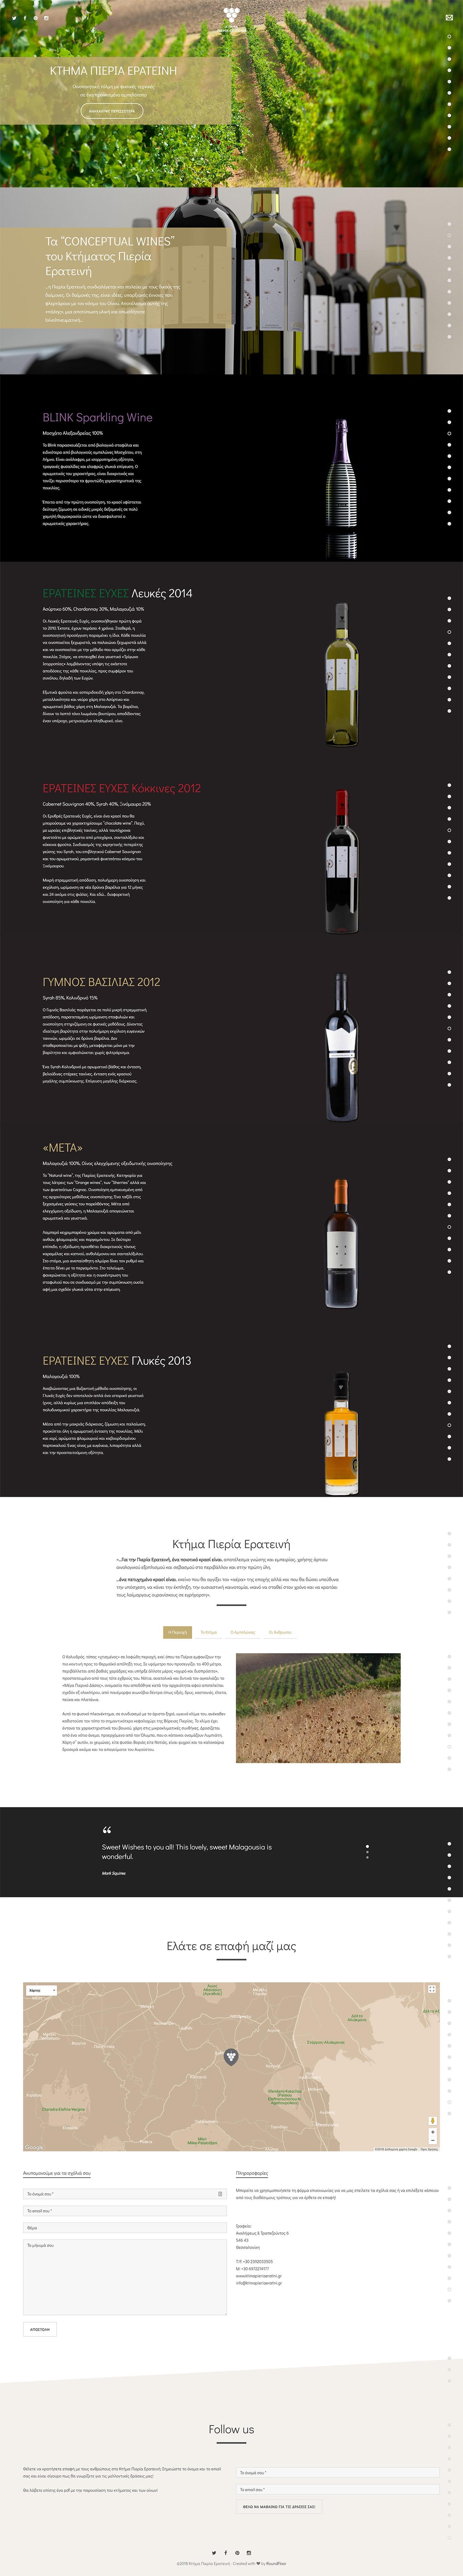 Κατασκευή ιστοσελίδας κρασιών για το Κτήμα Πιερία Ερατεινή